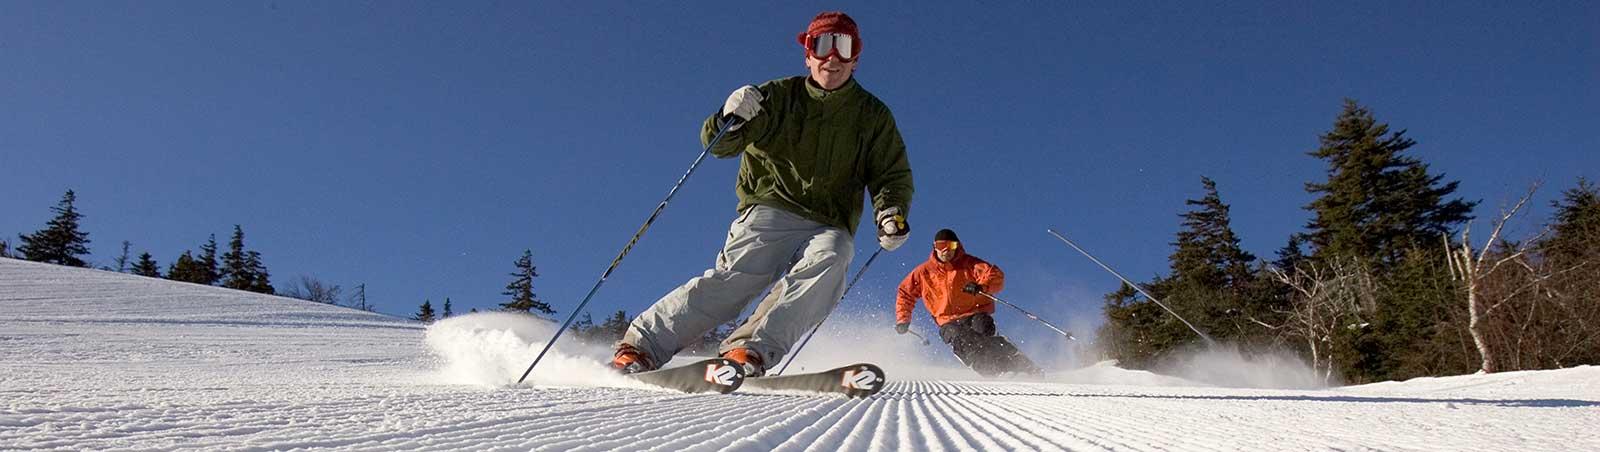 Sugarloaf School Ski Trips